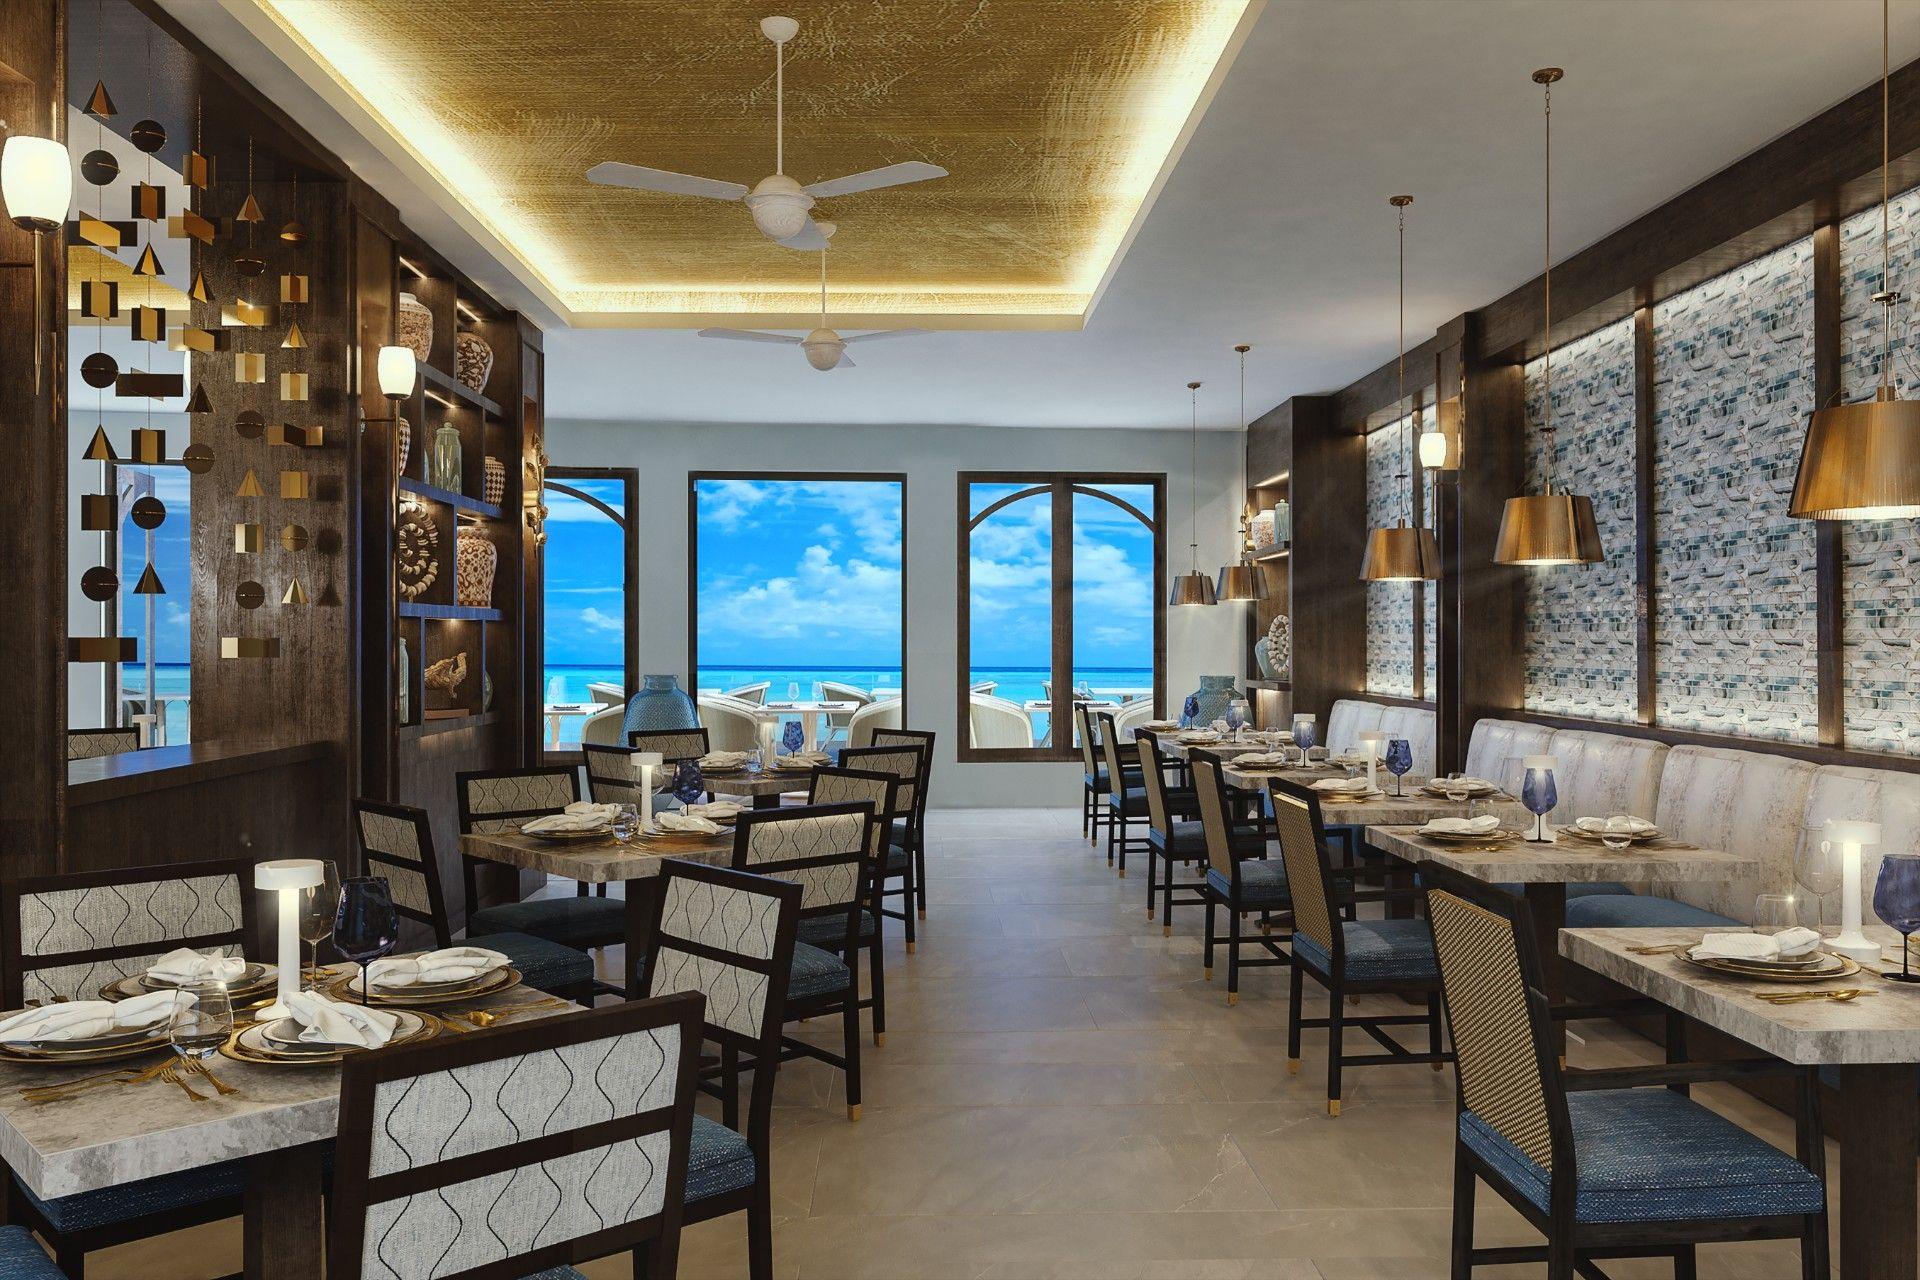 Restaurant von Innen. Modern eingerichtet. Durchs Fenster sieht man das Meer und einen Außensitzbereich.